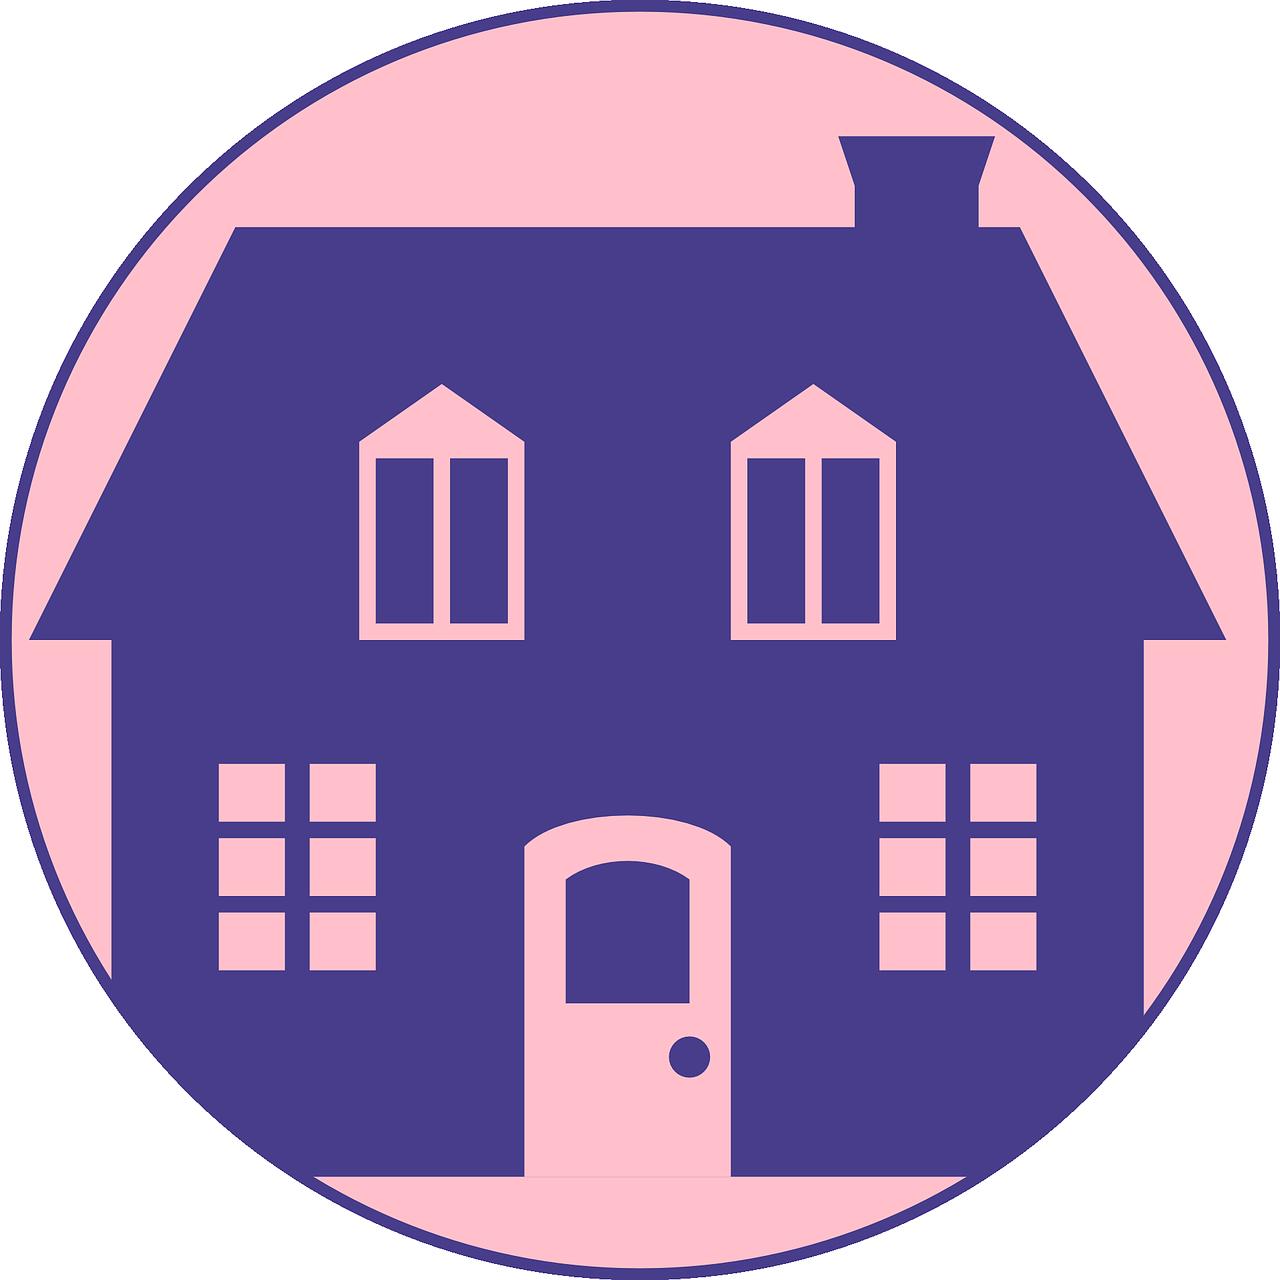 תמונה של בית מצויר